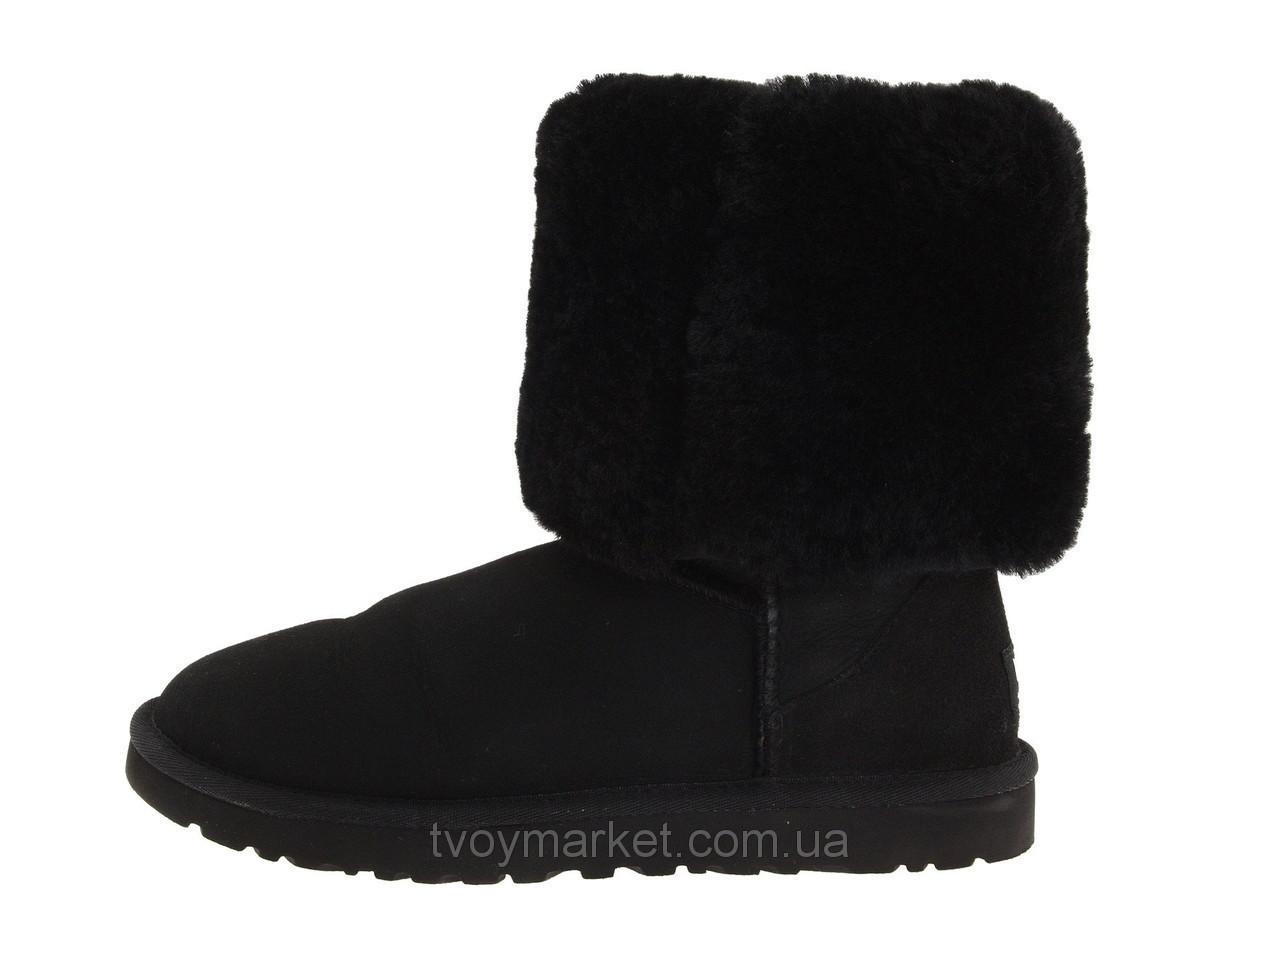 Купить женскую обувь оптом в Москве дешево в интернет